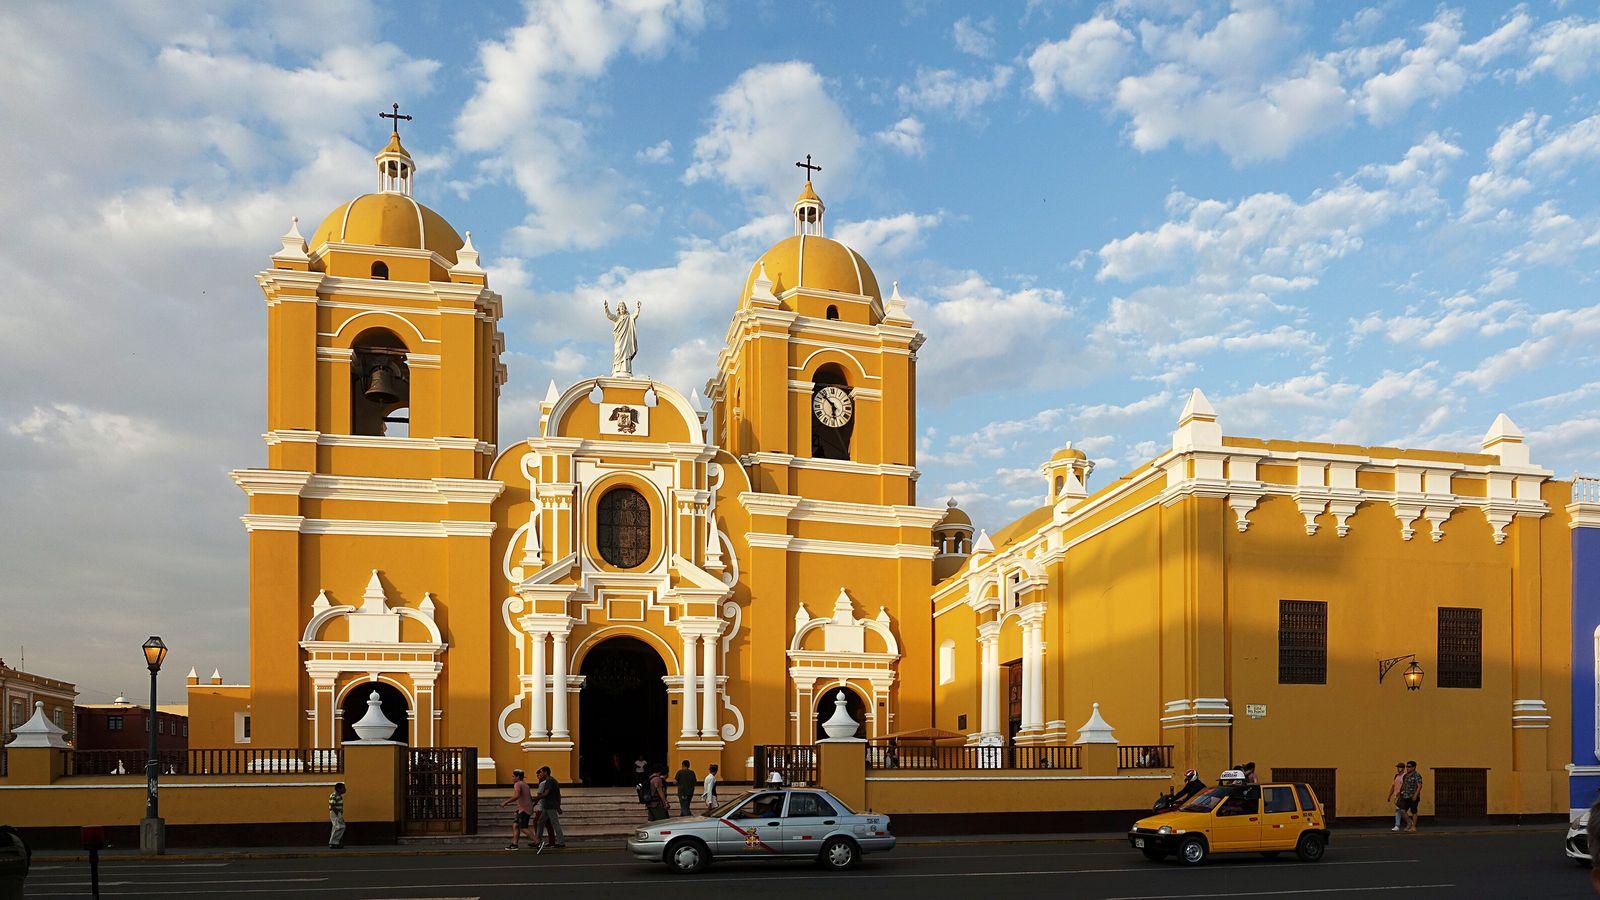 Vue de la cathédrale Sainte-Marie de Trujillo au Pérou - Les touristes internationaux visitent peu le nord ...